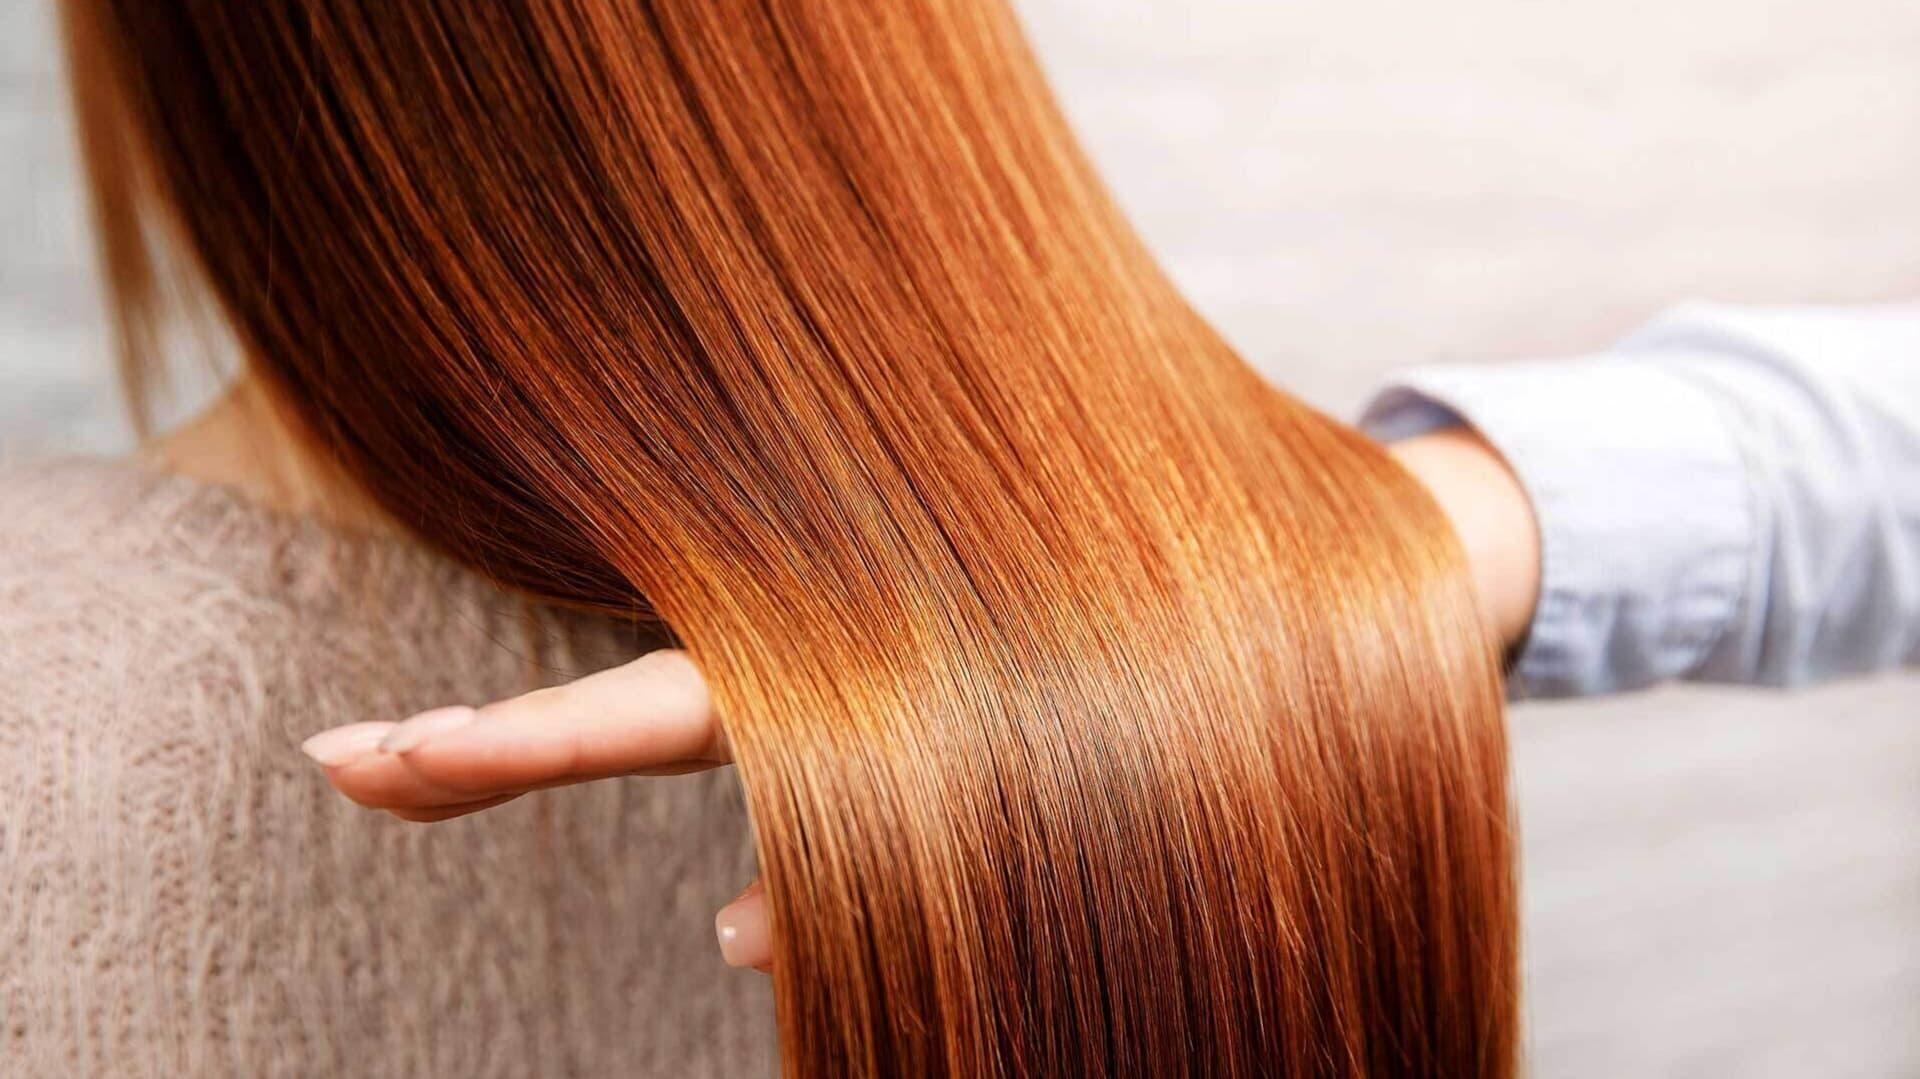 Eine Hand fährt durch langes rotes Haar